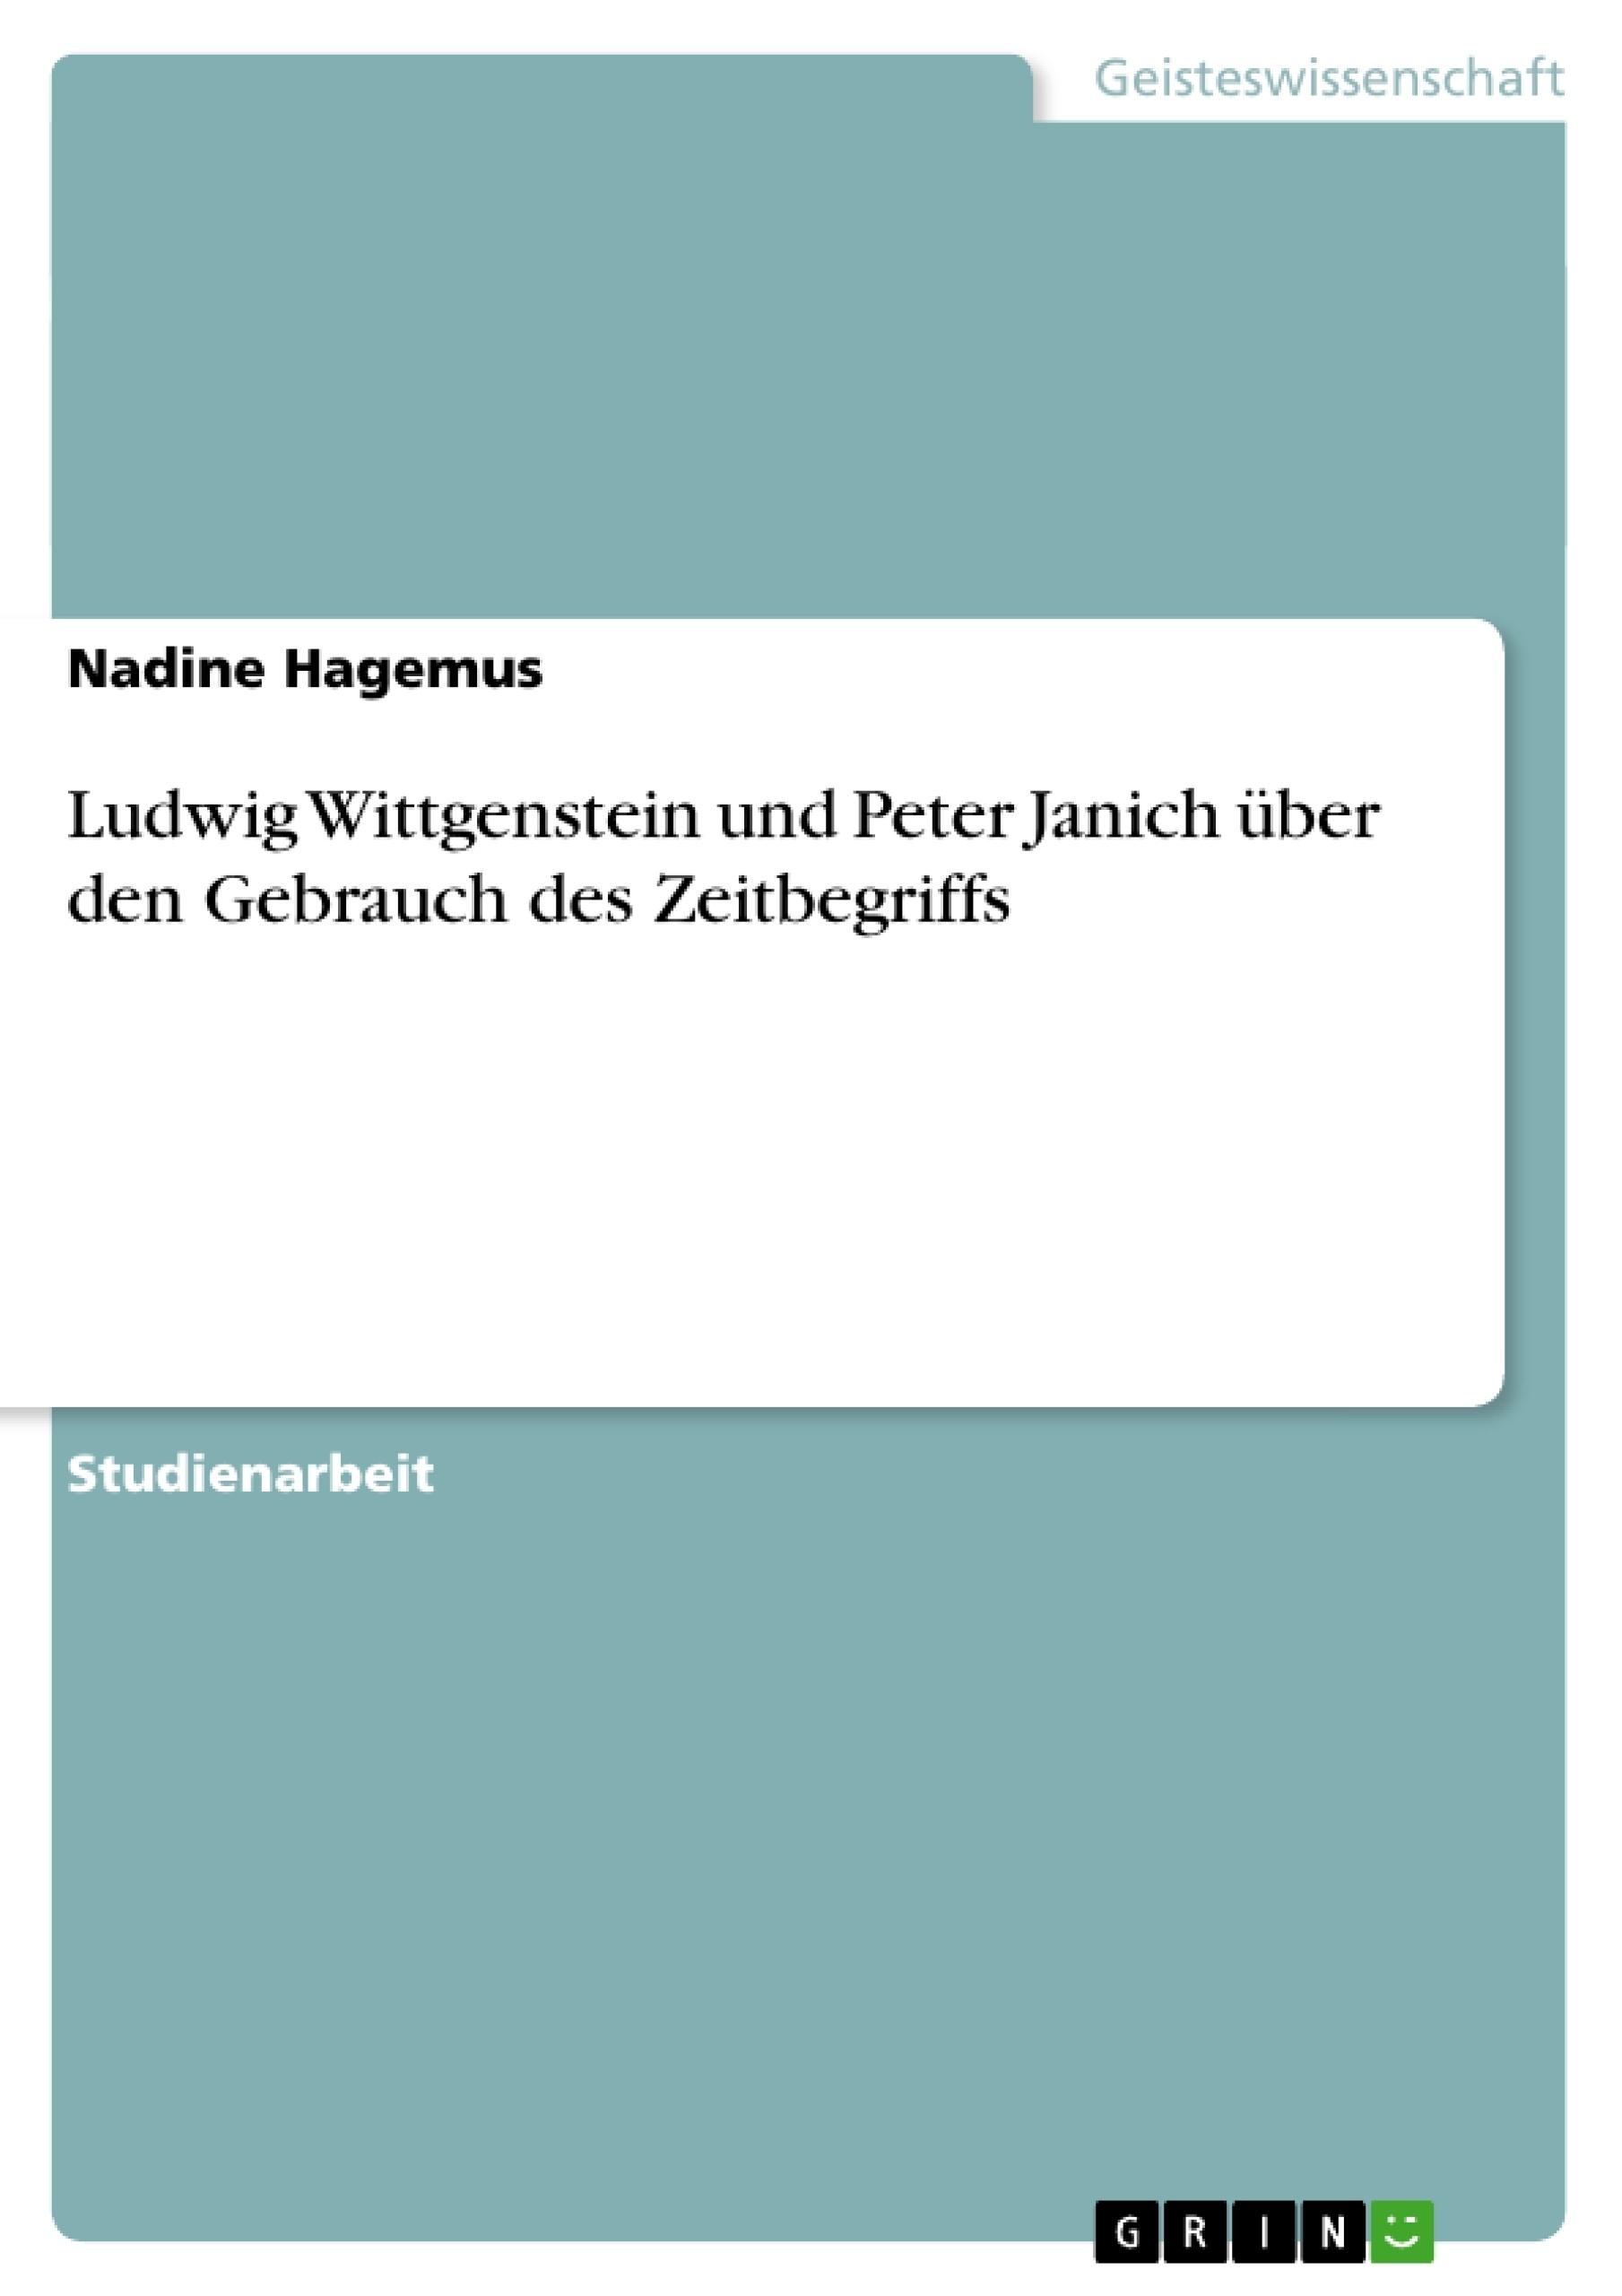 Titel: Ludwig Wittgenstein und Peter Janich über den Gebrauch des Zeitbegriffs